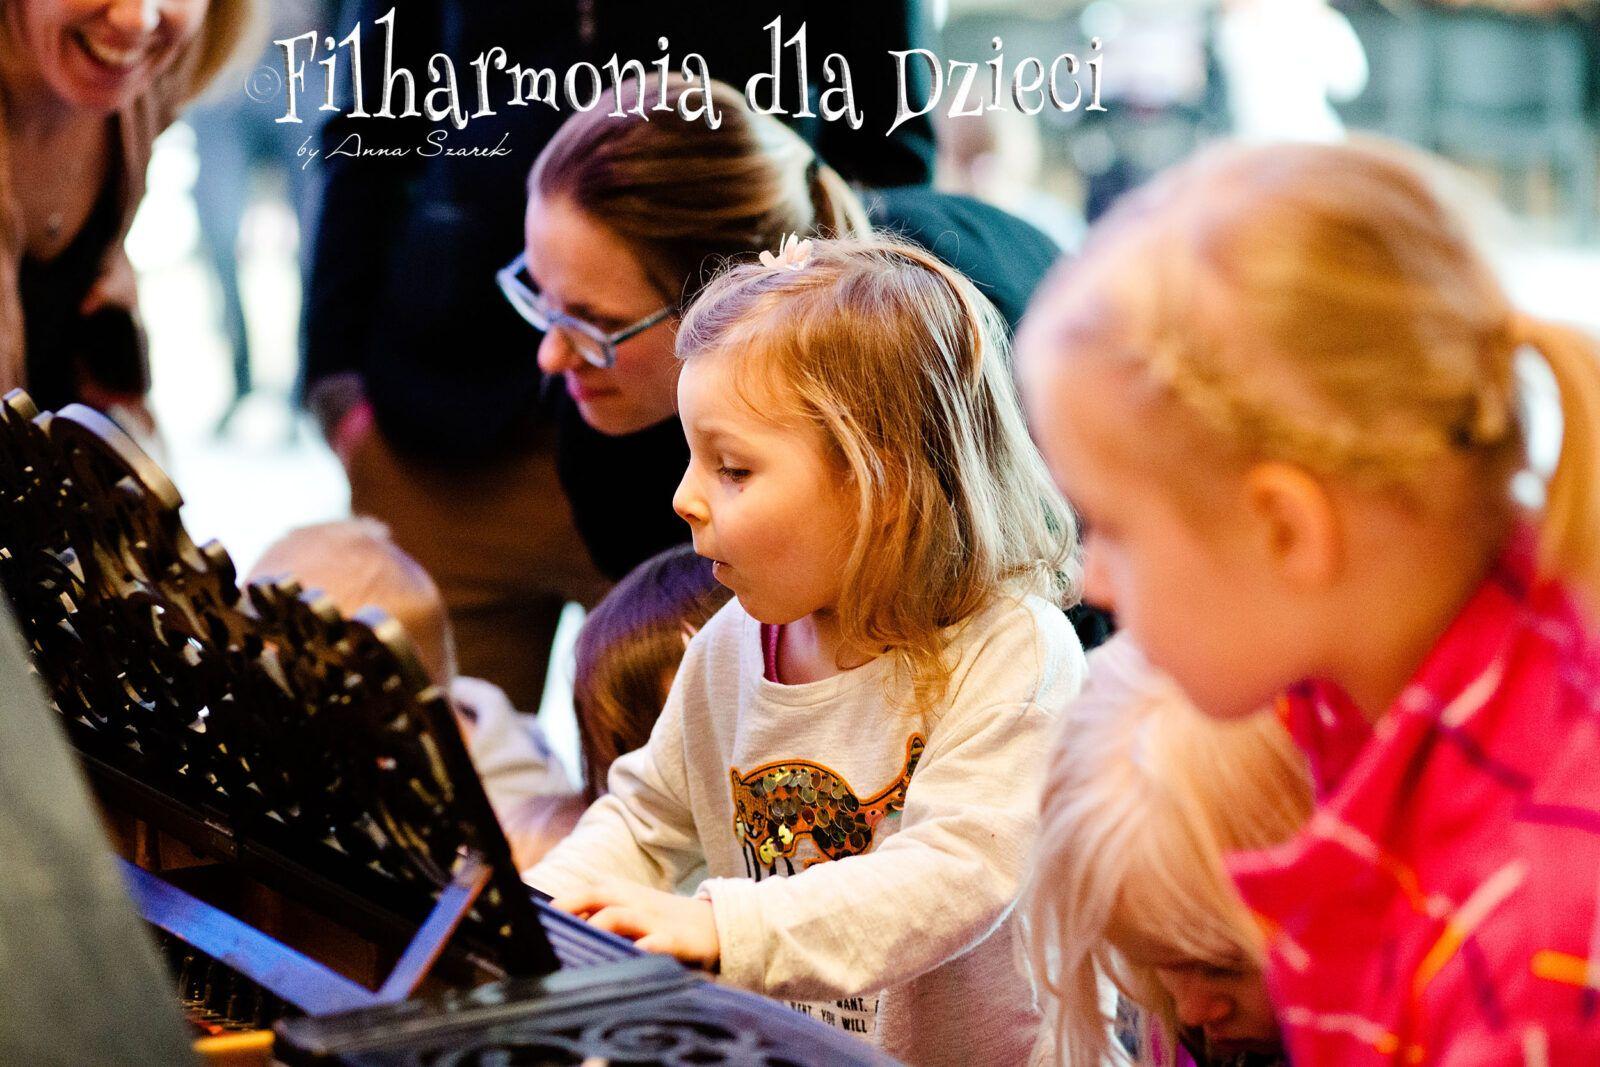 Filharmonia-dla-Dzieci-Anna-Barbara-Szarek